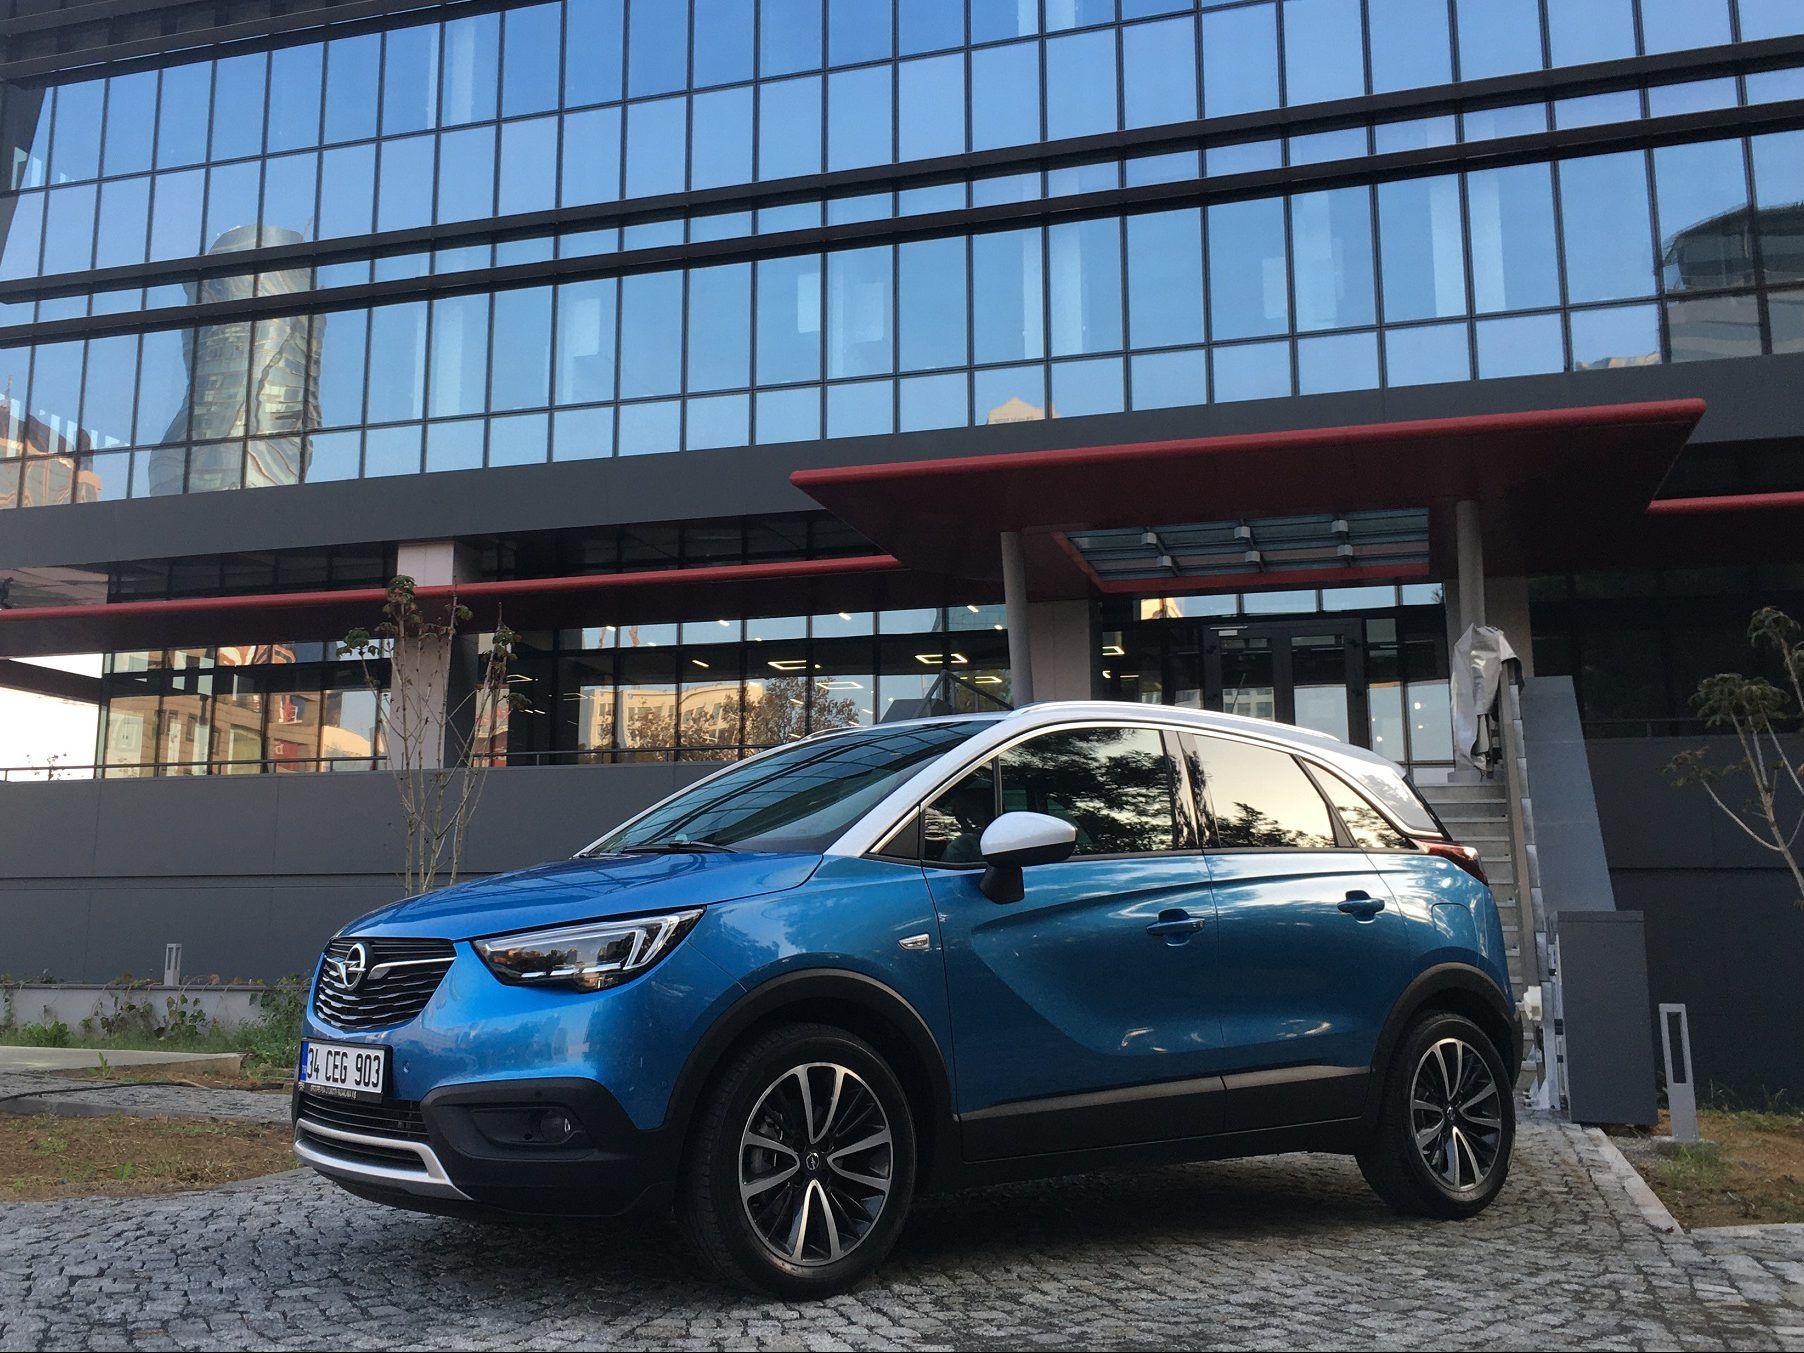 Murat Tosun Dizel Otomatik Opel Crossland X Testi Yapti Dizel Opel Crossland X Yakit Tuketimi Miktari Teknik Ozellikleri Ve Yeni Otomobil Araba Dizel Motor